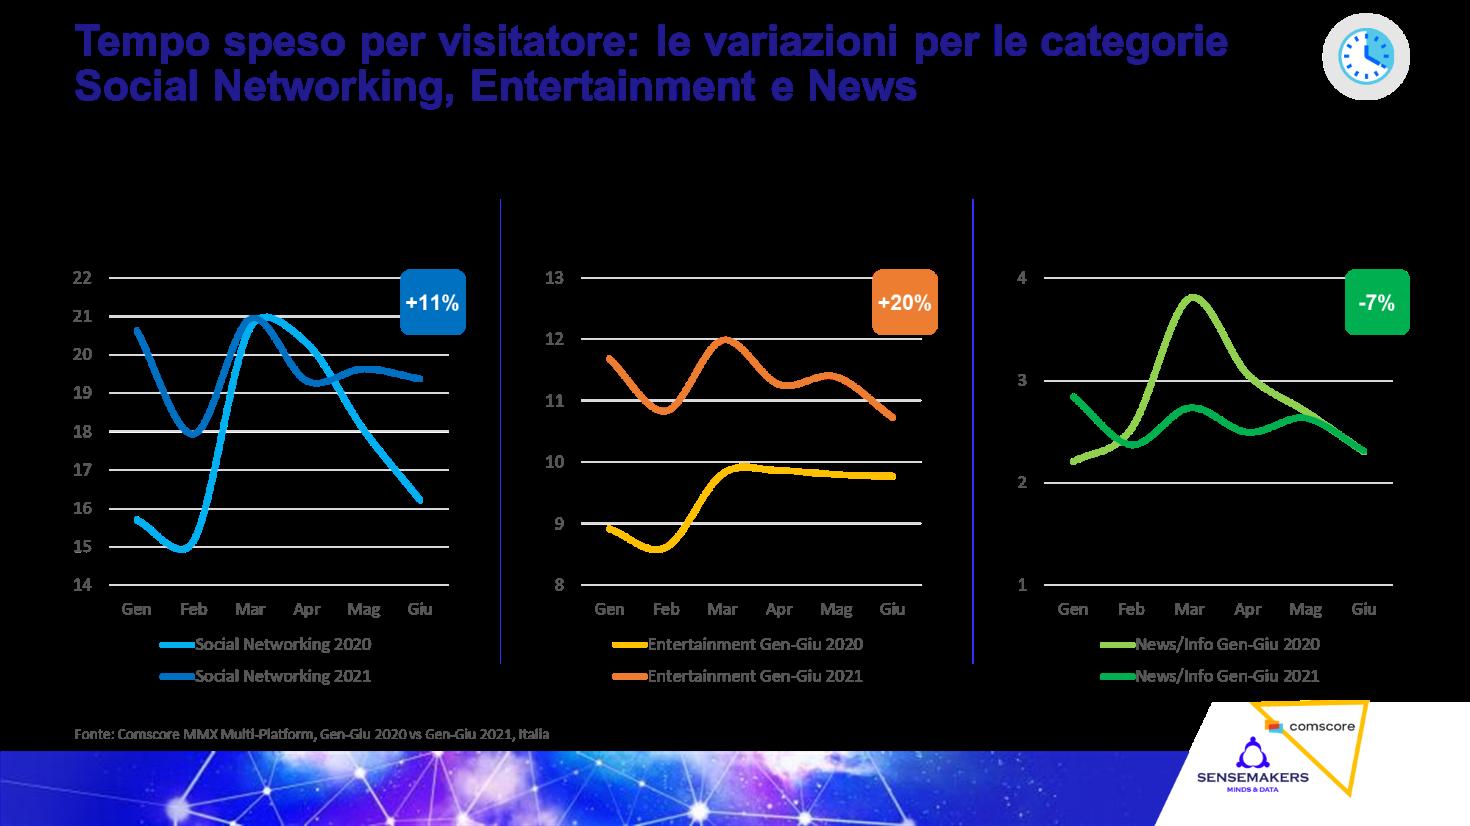 Audience digitale: cosa è cambiato nei primi 6 mesi del 2021